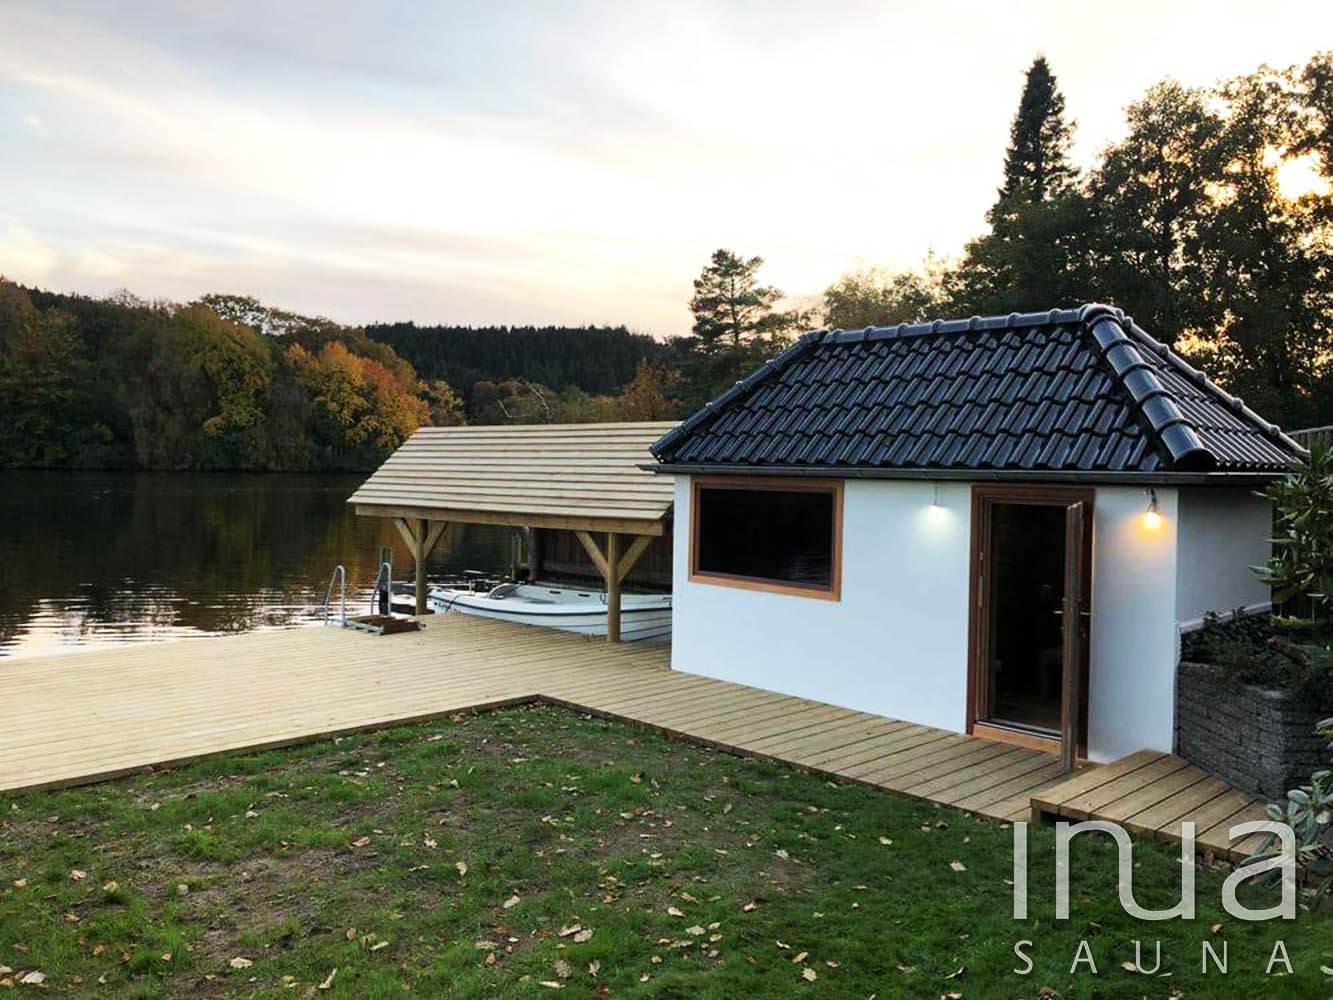 Festői környezetben elhelyezkedő egy már meglévő kisház teljes átalakításával és beépítésével telepített beltéri kombinált szauna.